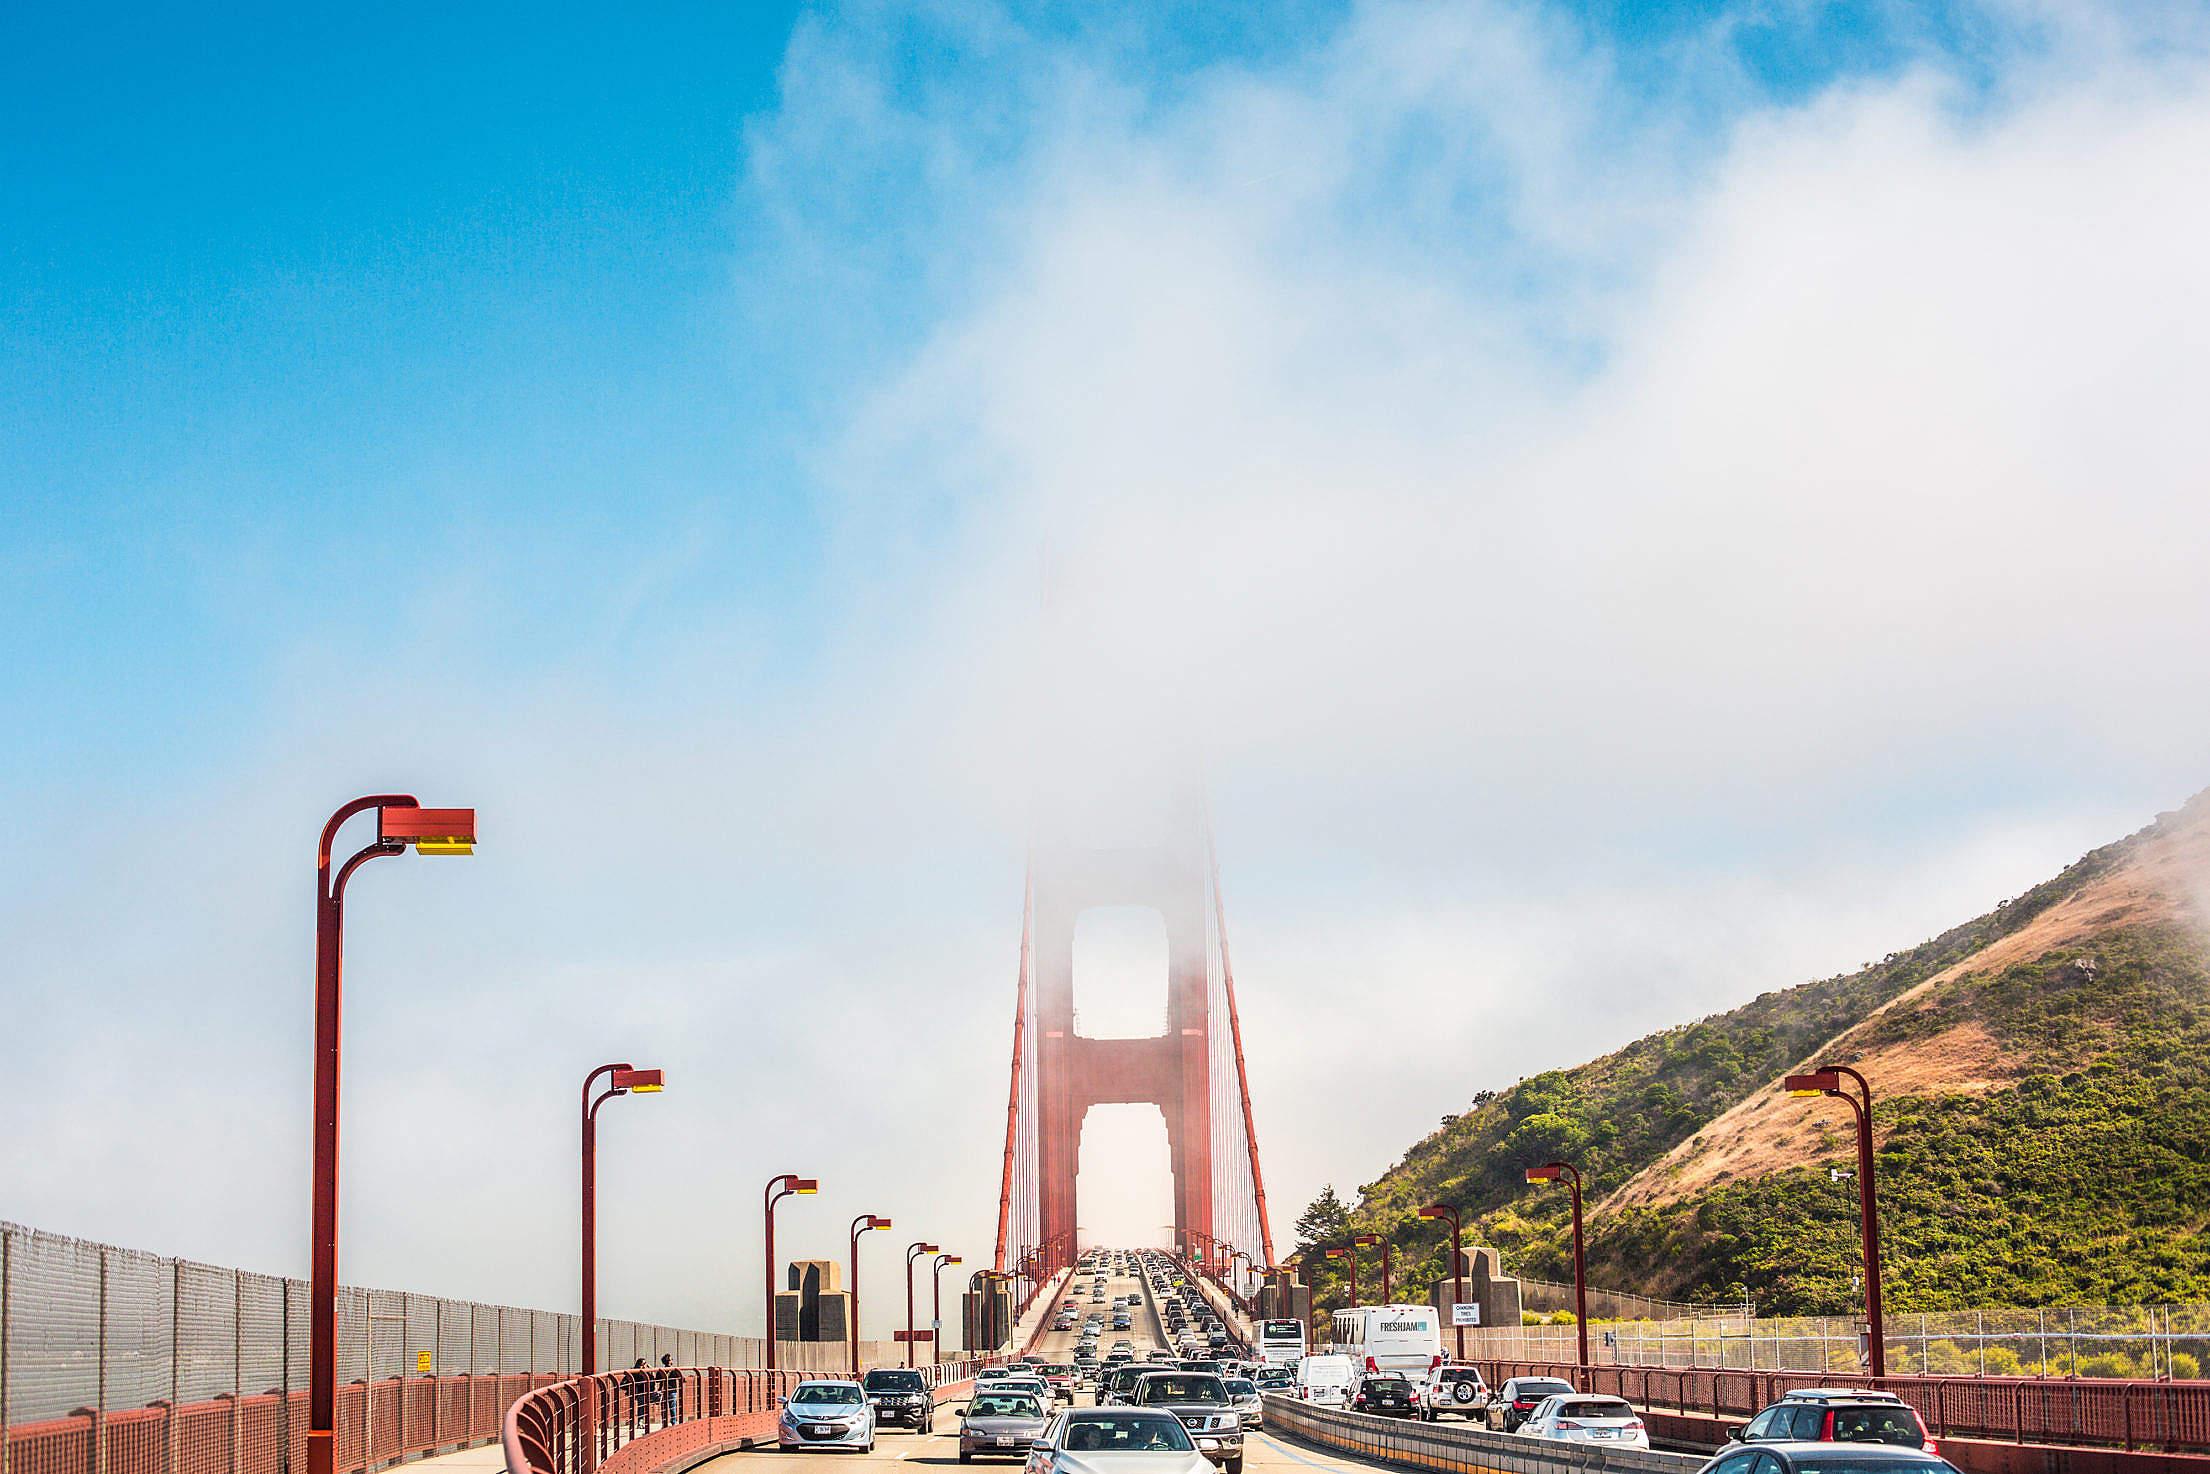 Golden Gate Bridge Pillars Covered in Fog Free Stock Photo